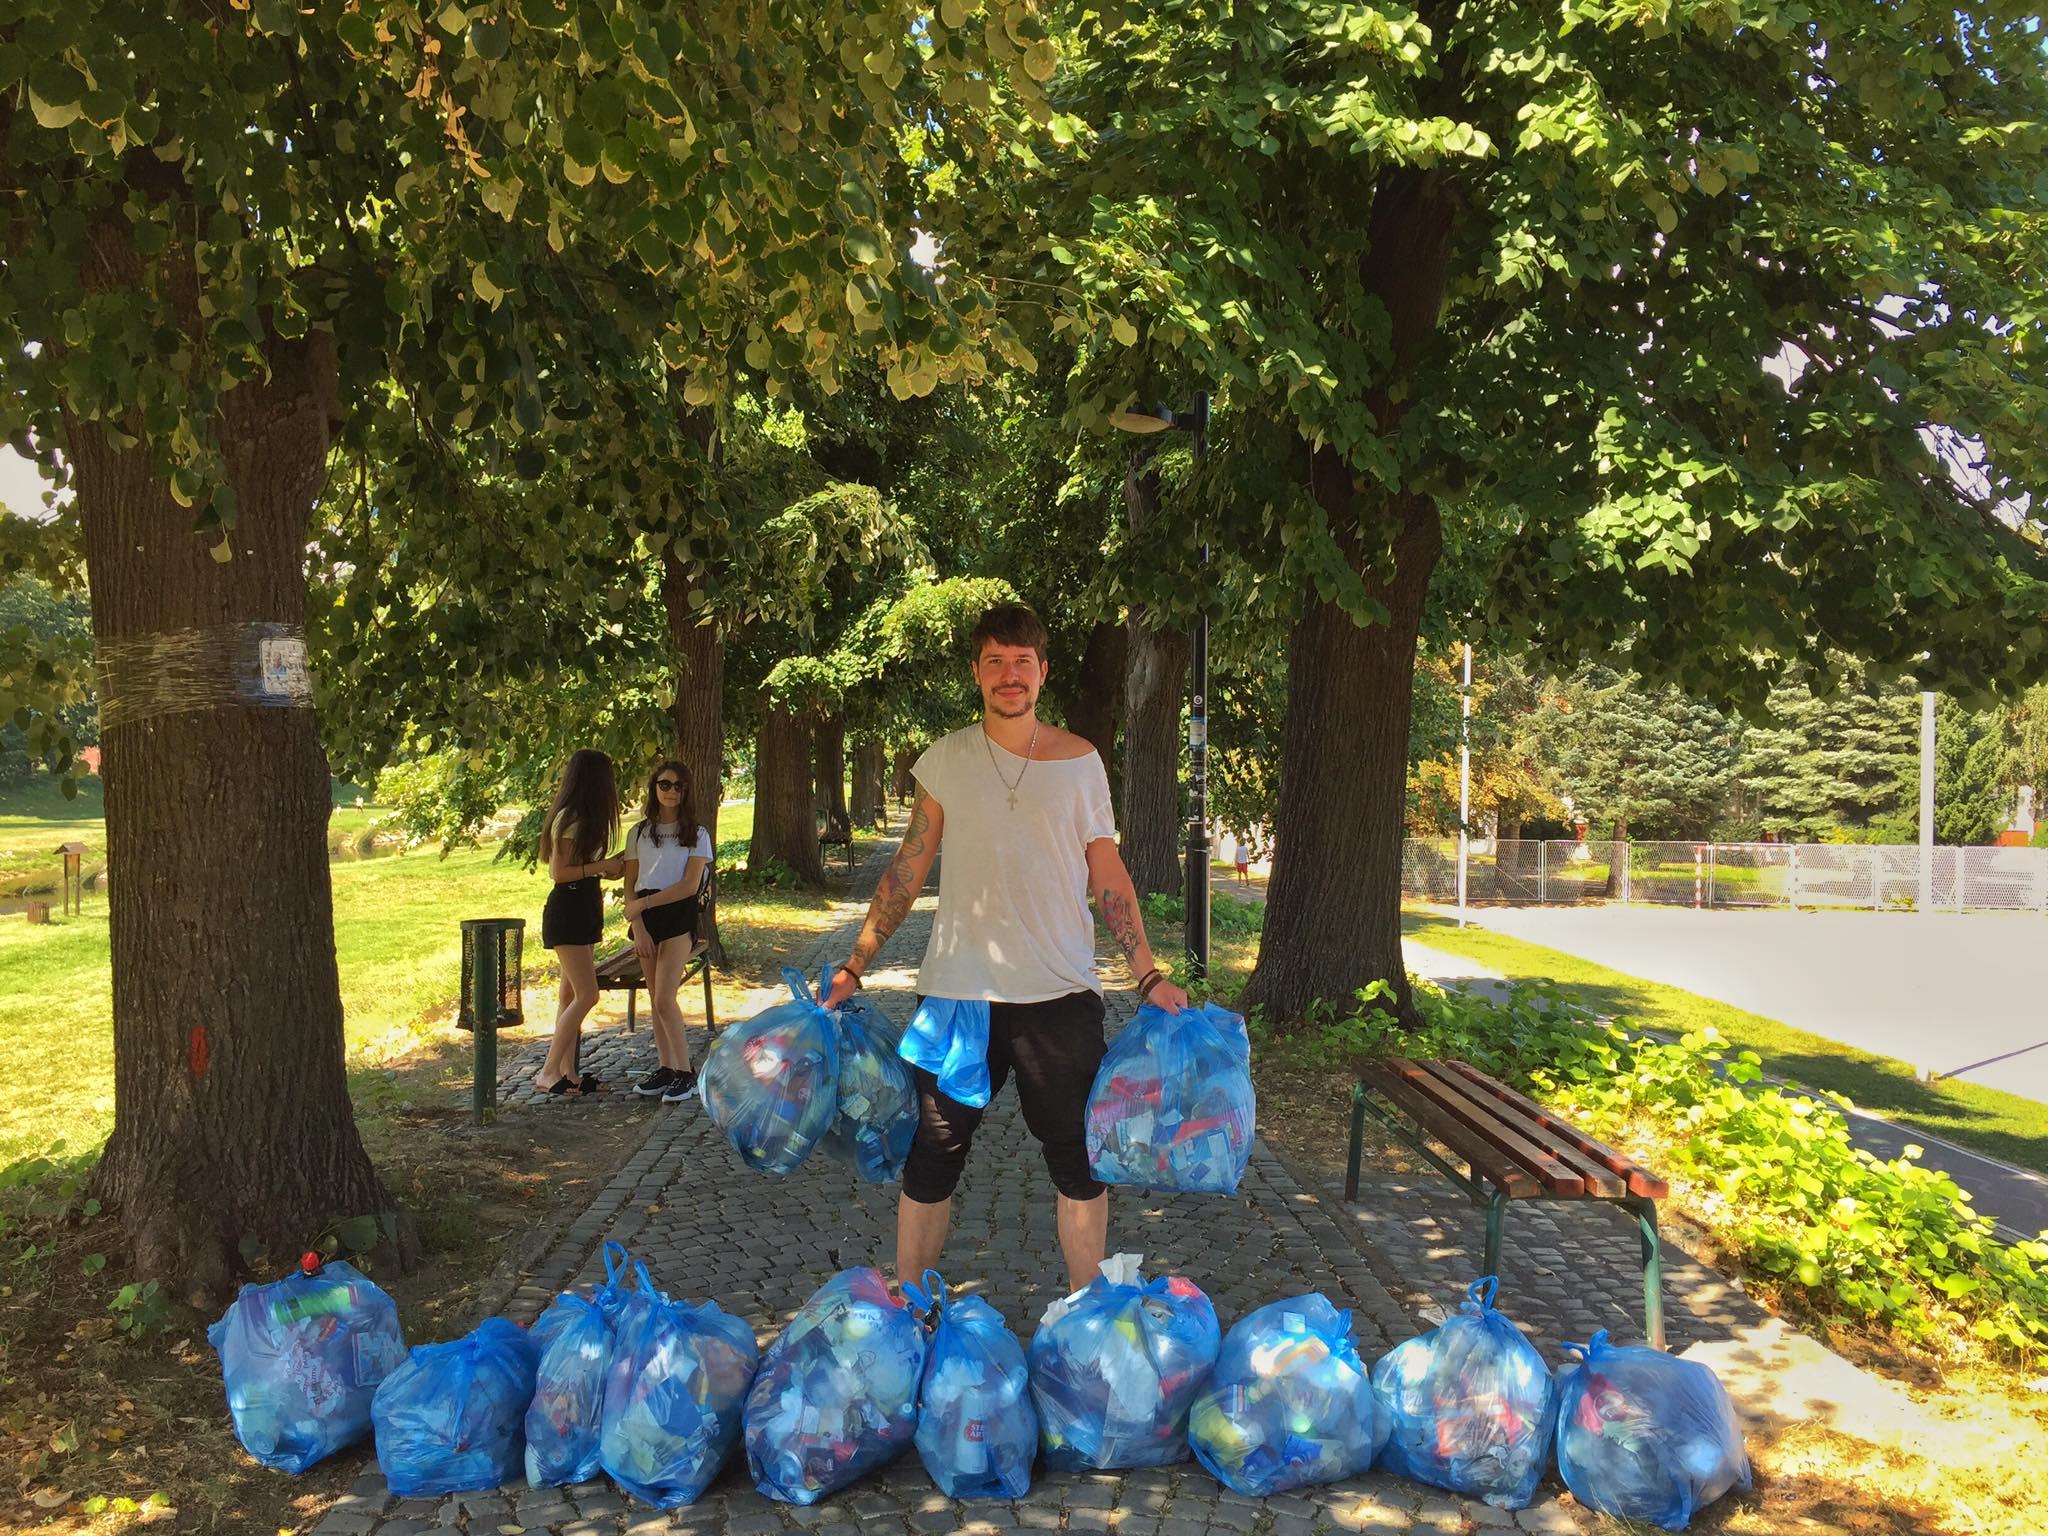 vid marjanović prikuplja smeće na keju